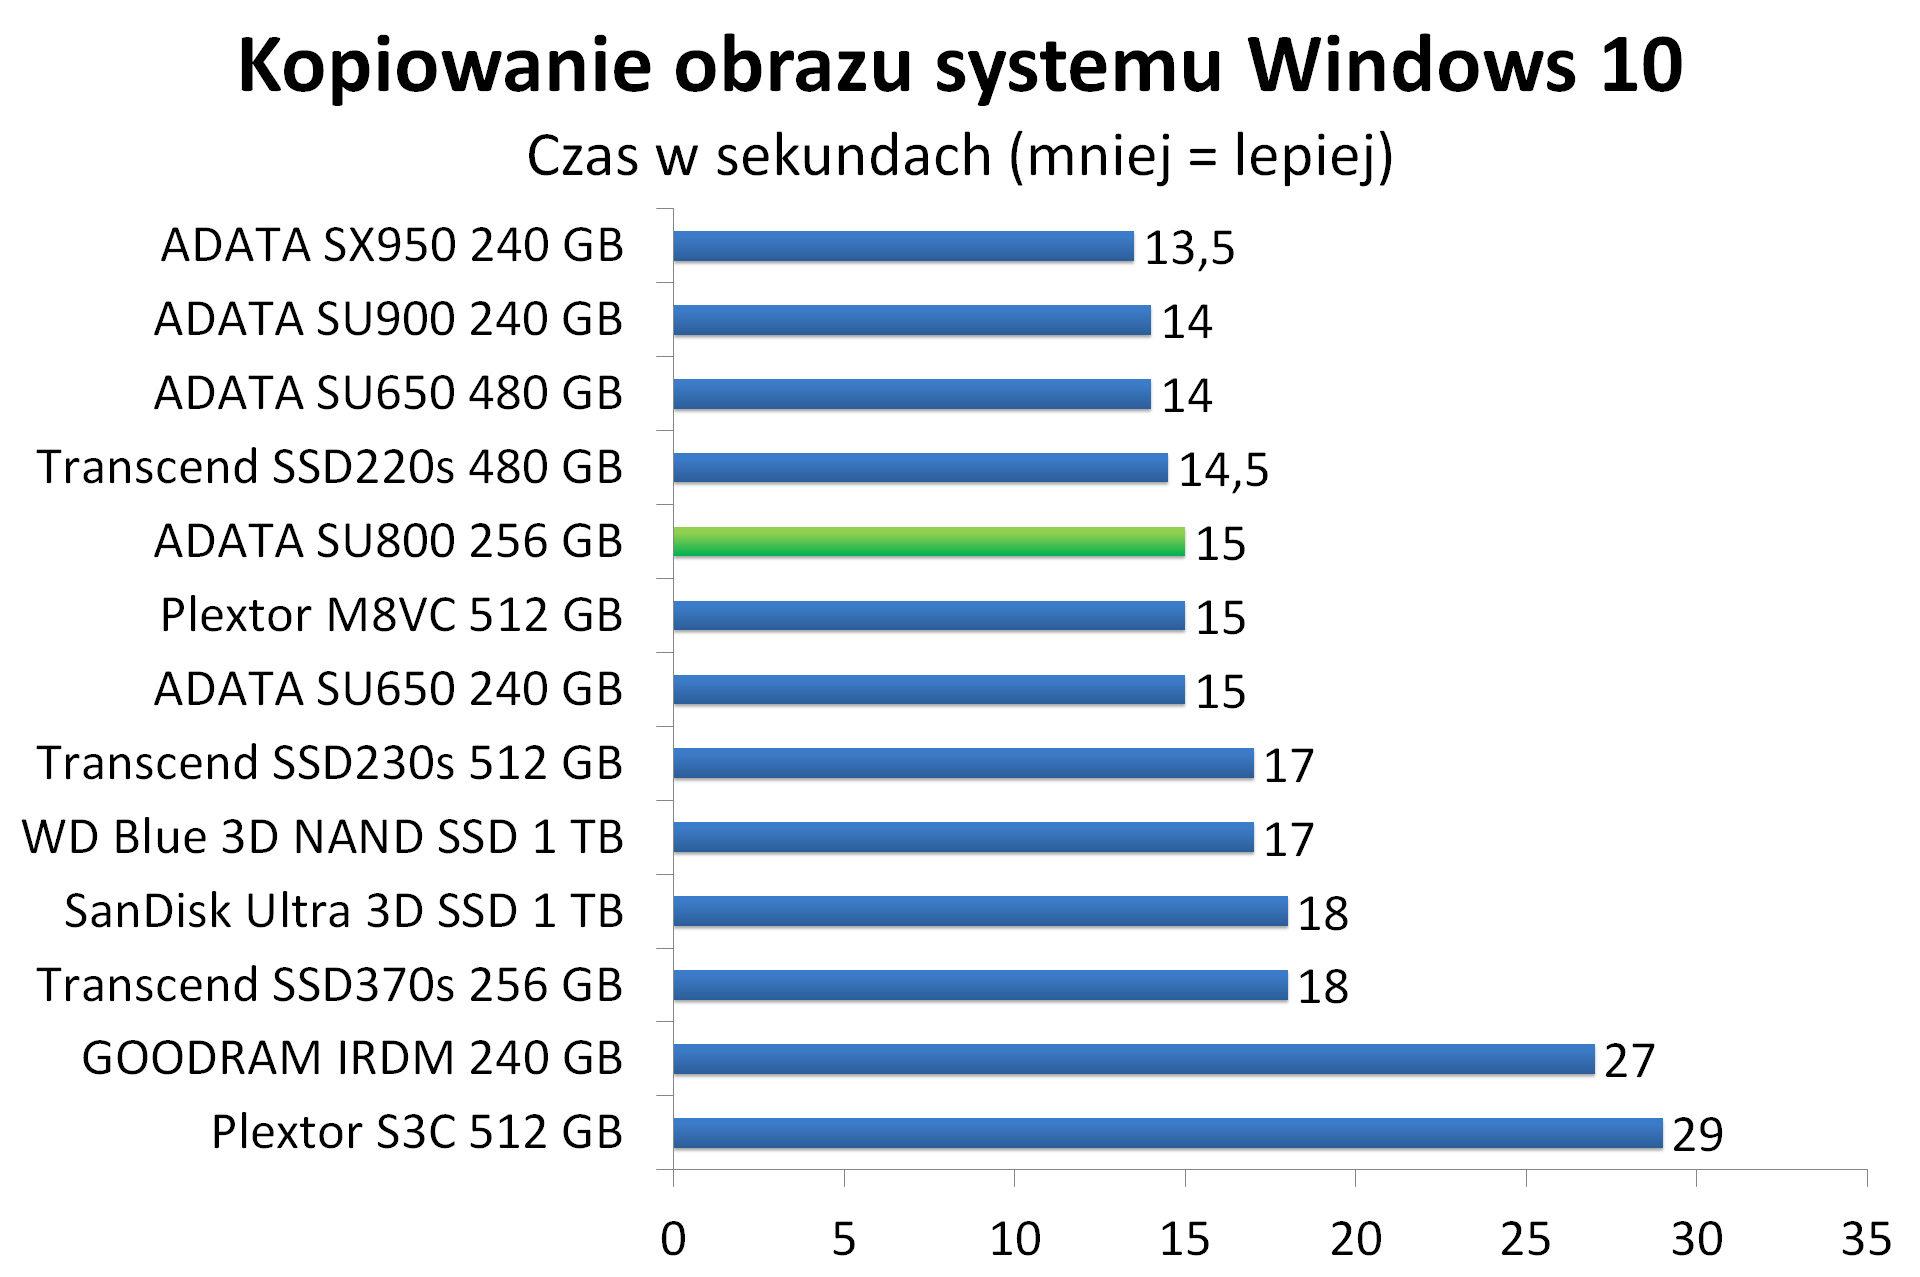 ADATA SU800 256 GB - Kopiowanie obrazu systemu Windows 10